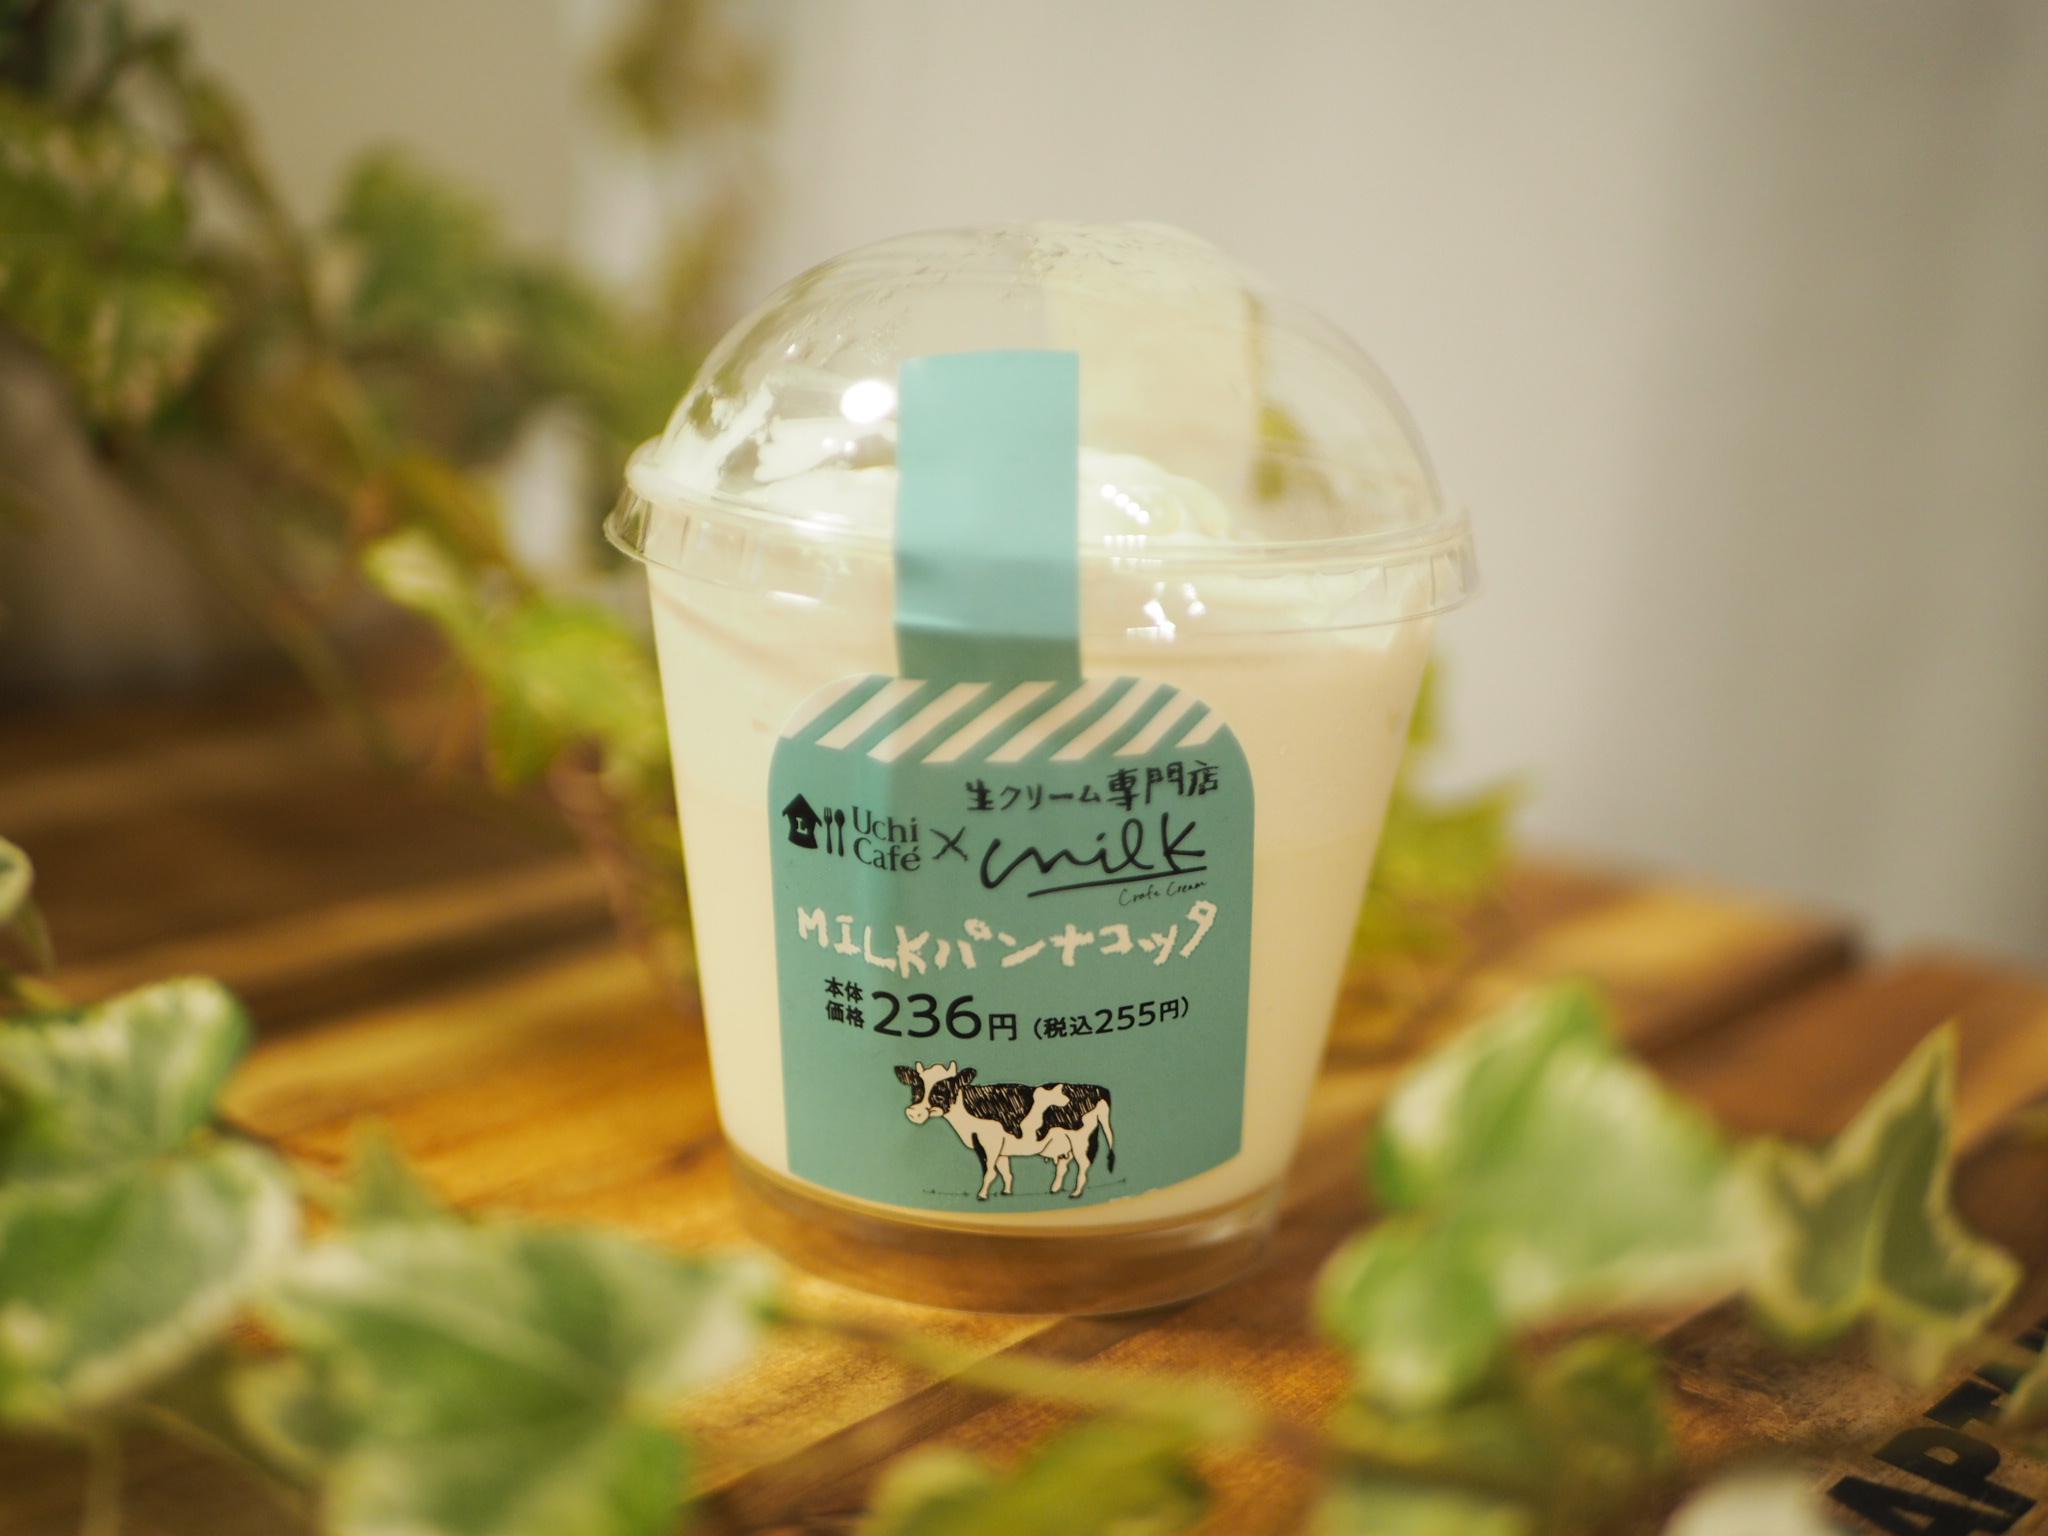 【ローソン新作】生クリーム専門店「Milk」とコラボしたスイーツがおすすめ♡_6